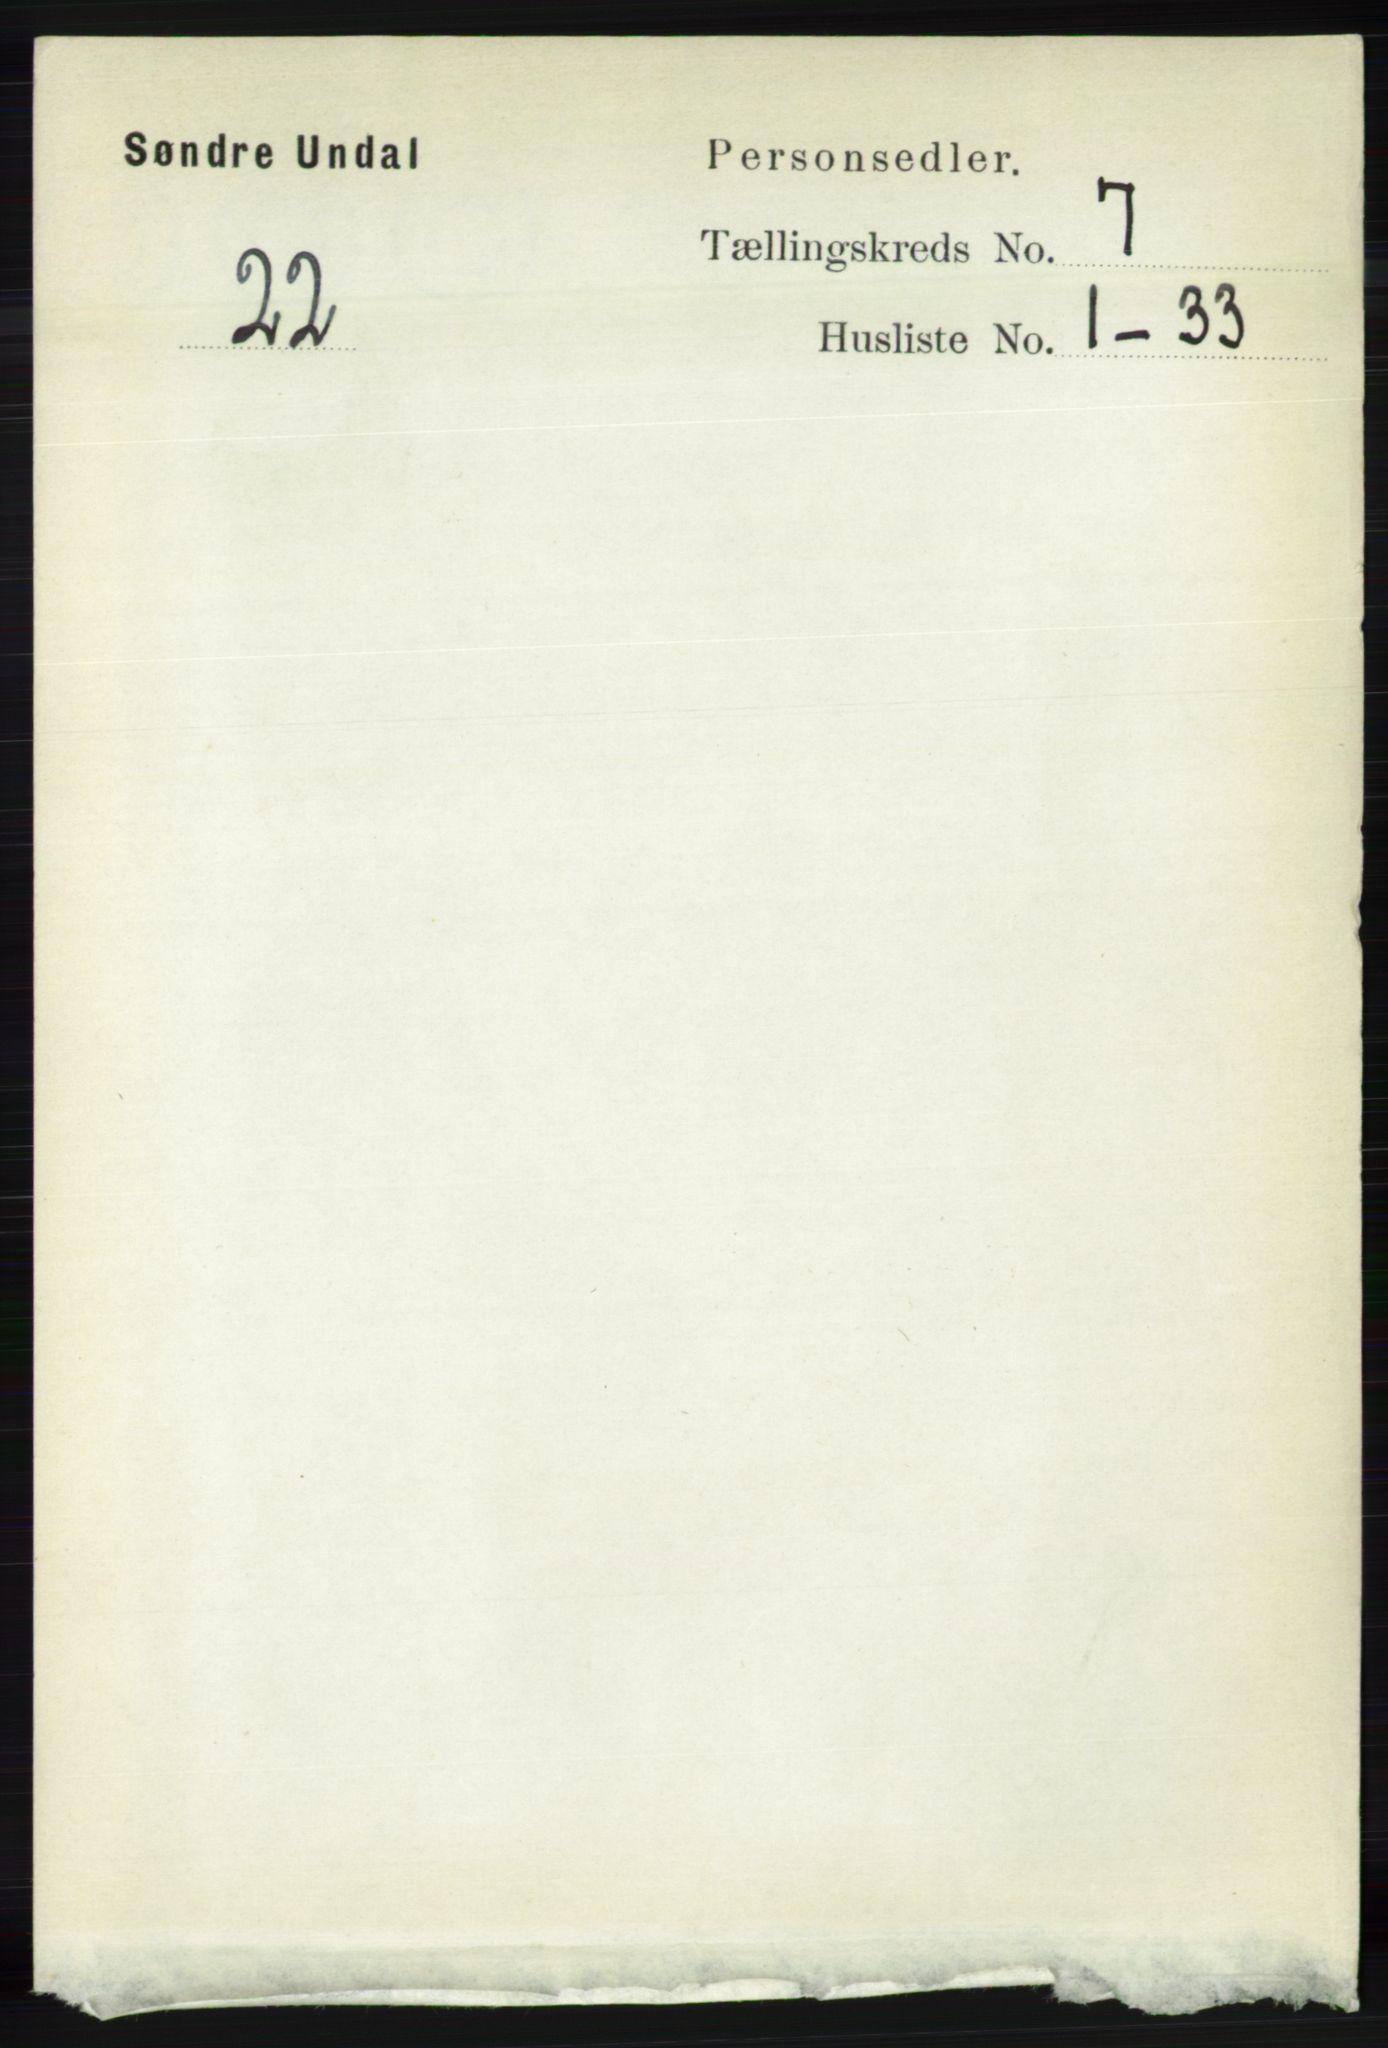 RA, Folketelling 1891 for 1029 Sør-Audnedal herred, 1891, s. 2621